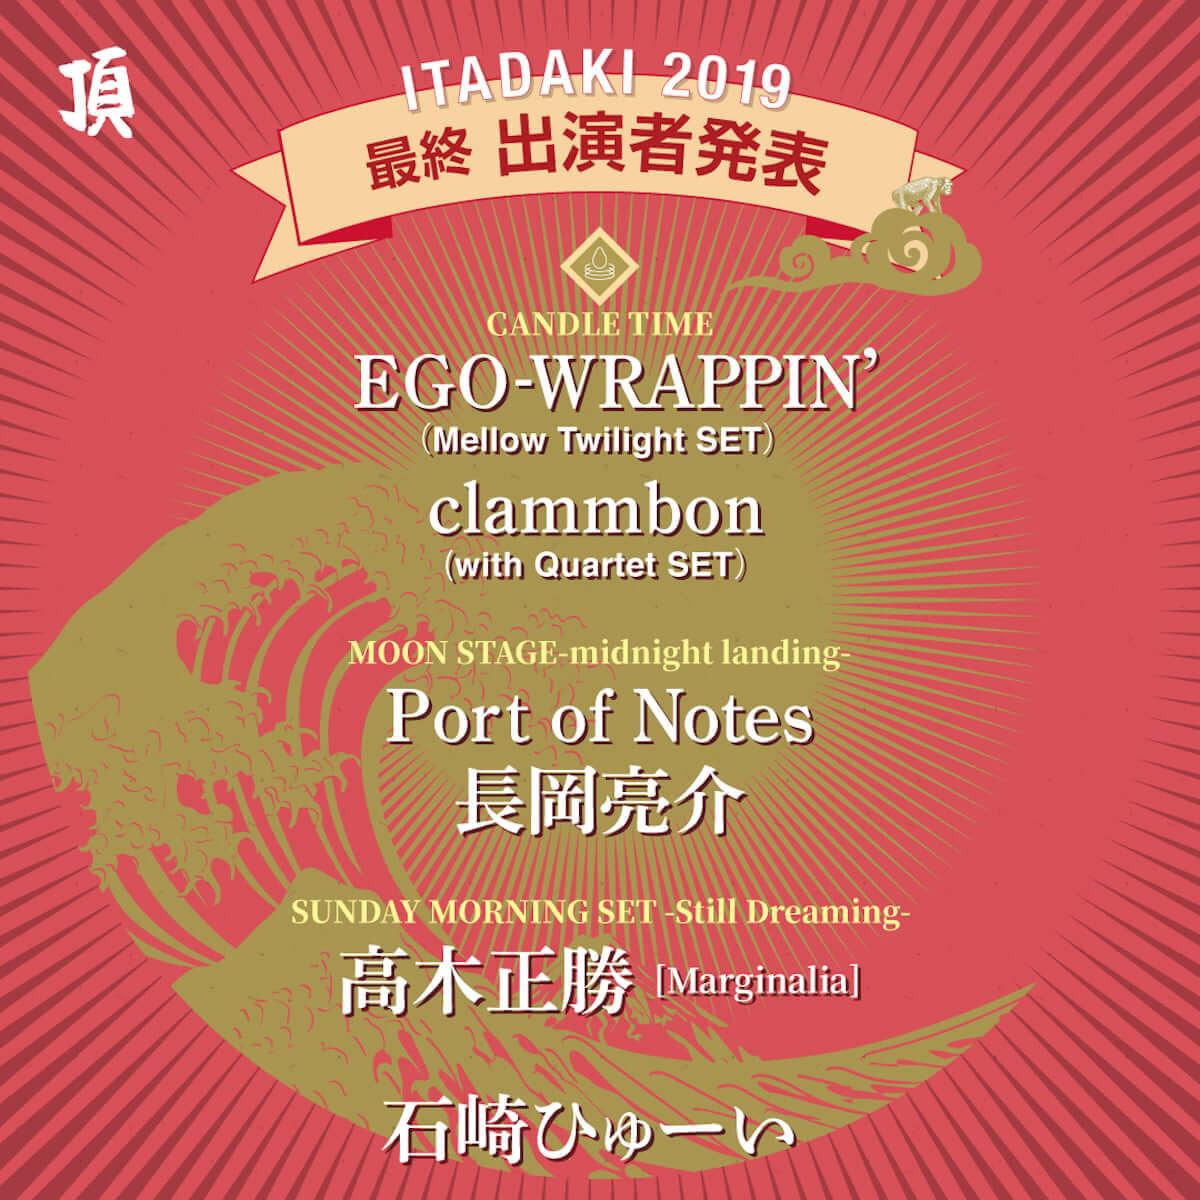 「頂 -ITADAKI- 2019」最終発表でEGO-WRAPPIN'やclammbon、長岡亮介ほか6組が発表に music190327-itadaki2019-8-1200x1200